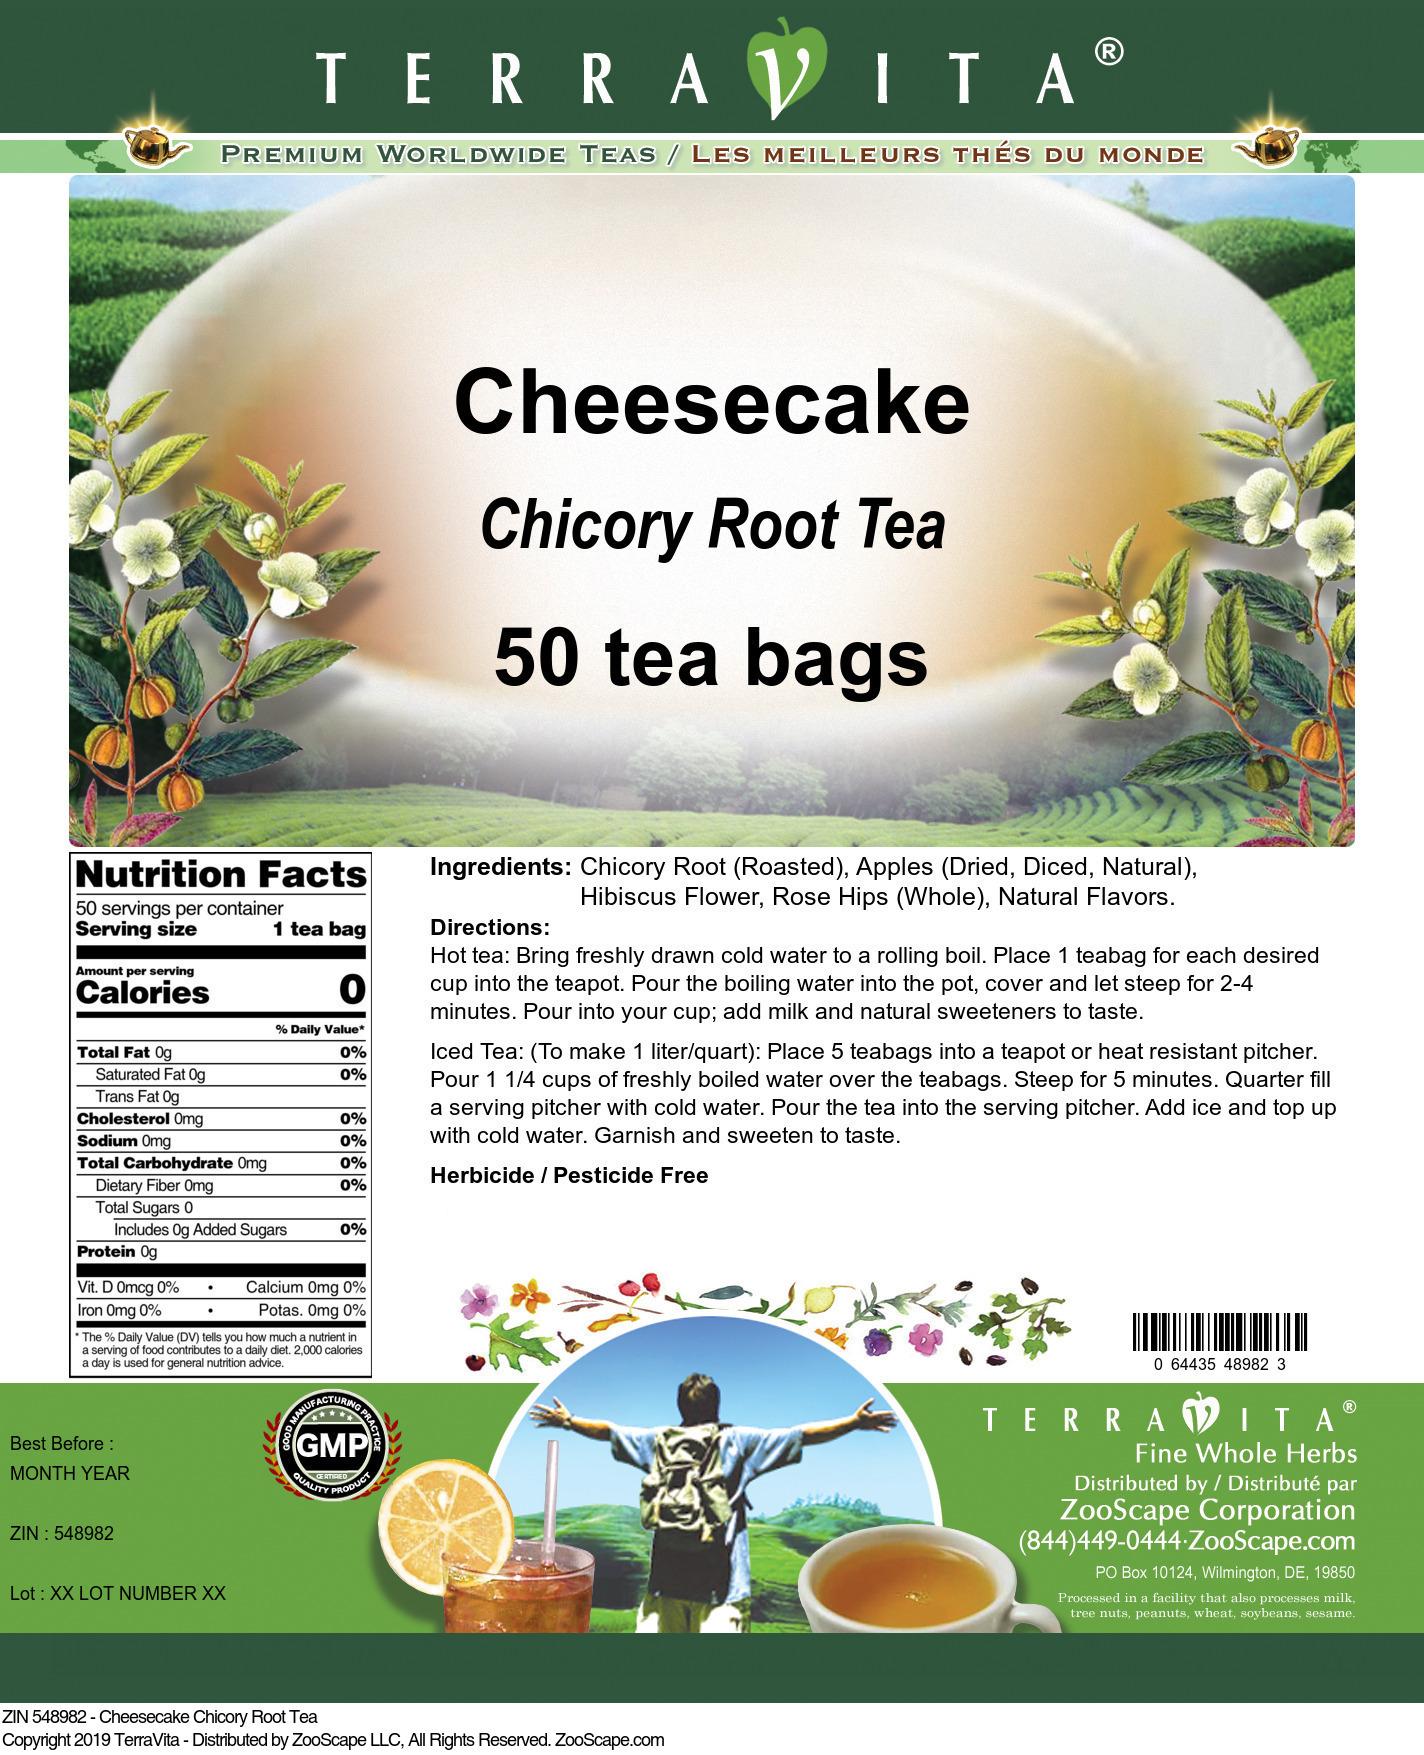 Cheesecake Chicory Root Tea